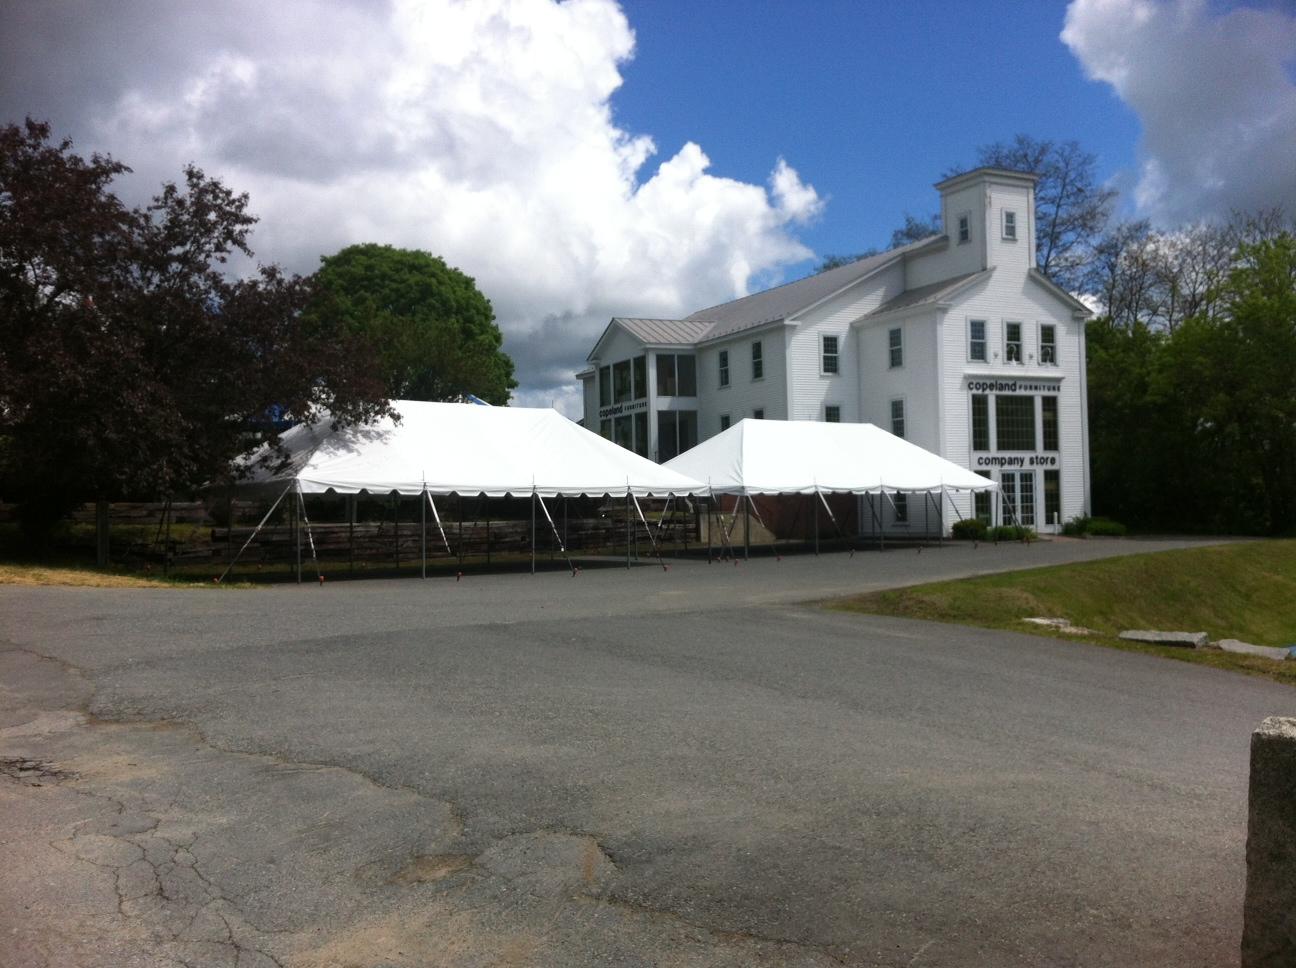 (2) 20X40 Pole Tents